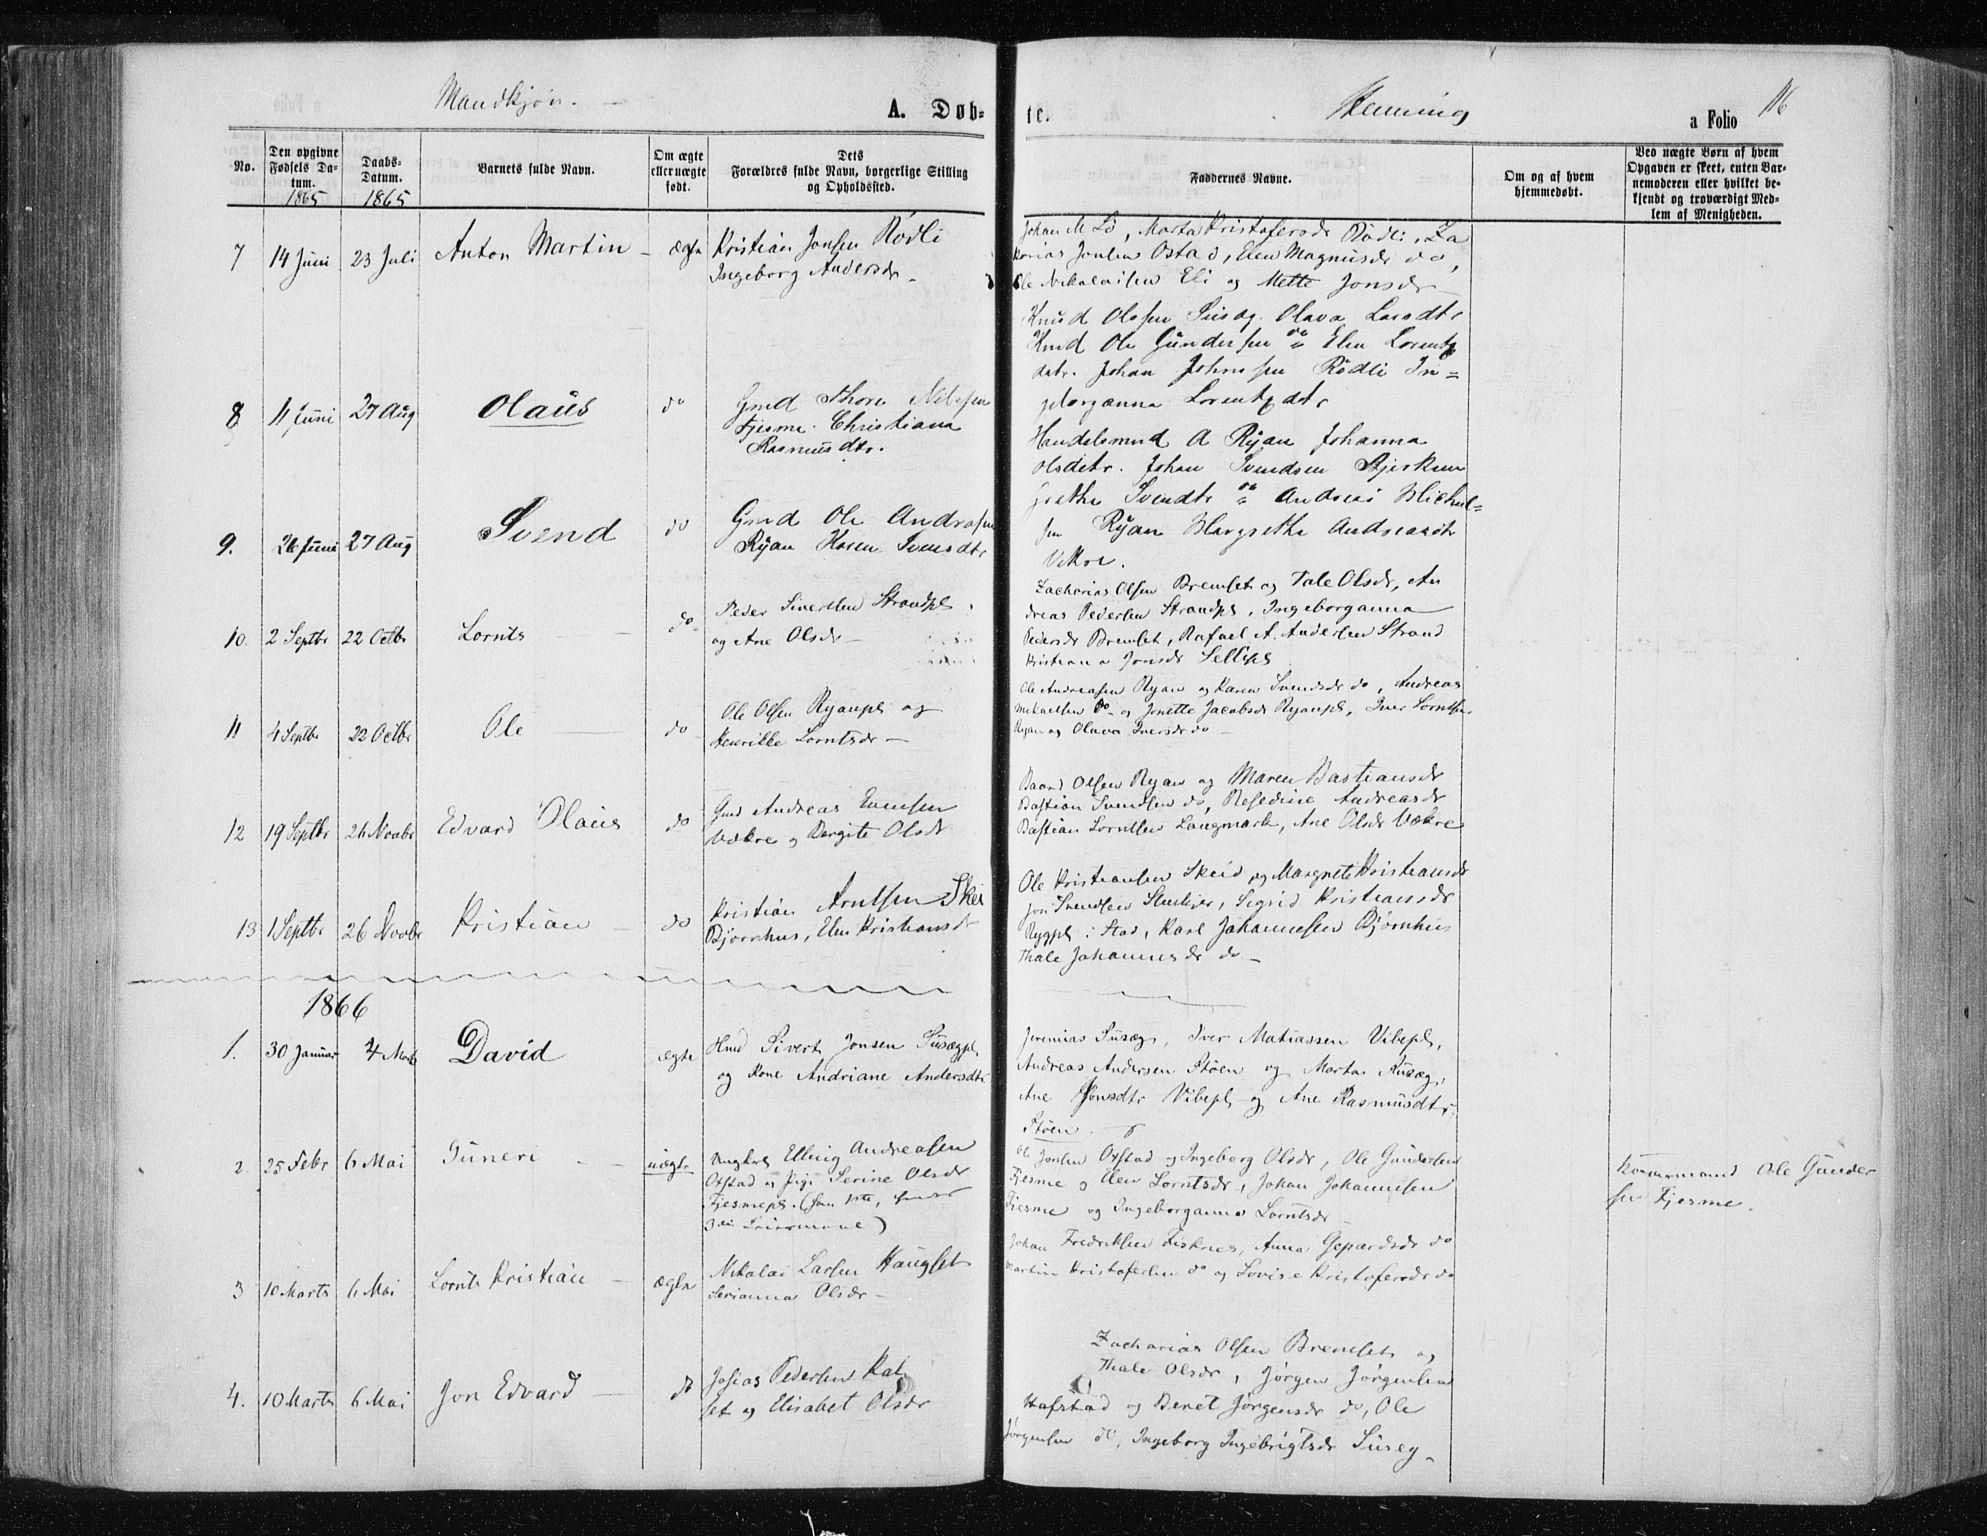 SAT, Ministerialprotokoller, klokkerbøker og fødselsregistre - Nord-Trøndelag, 735/L0345: Ministerialbok nr. 735A08 /3, 1863-1872, s. 116